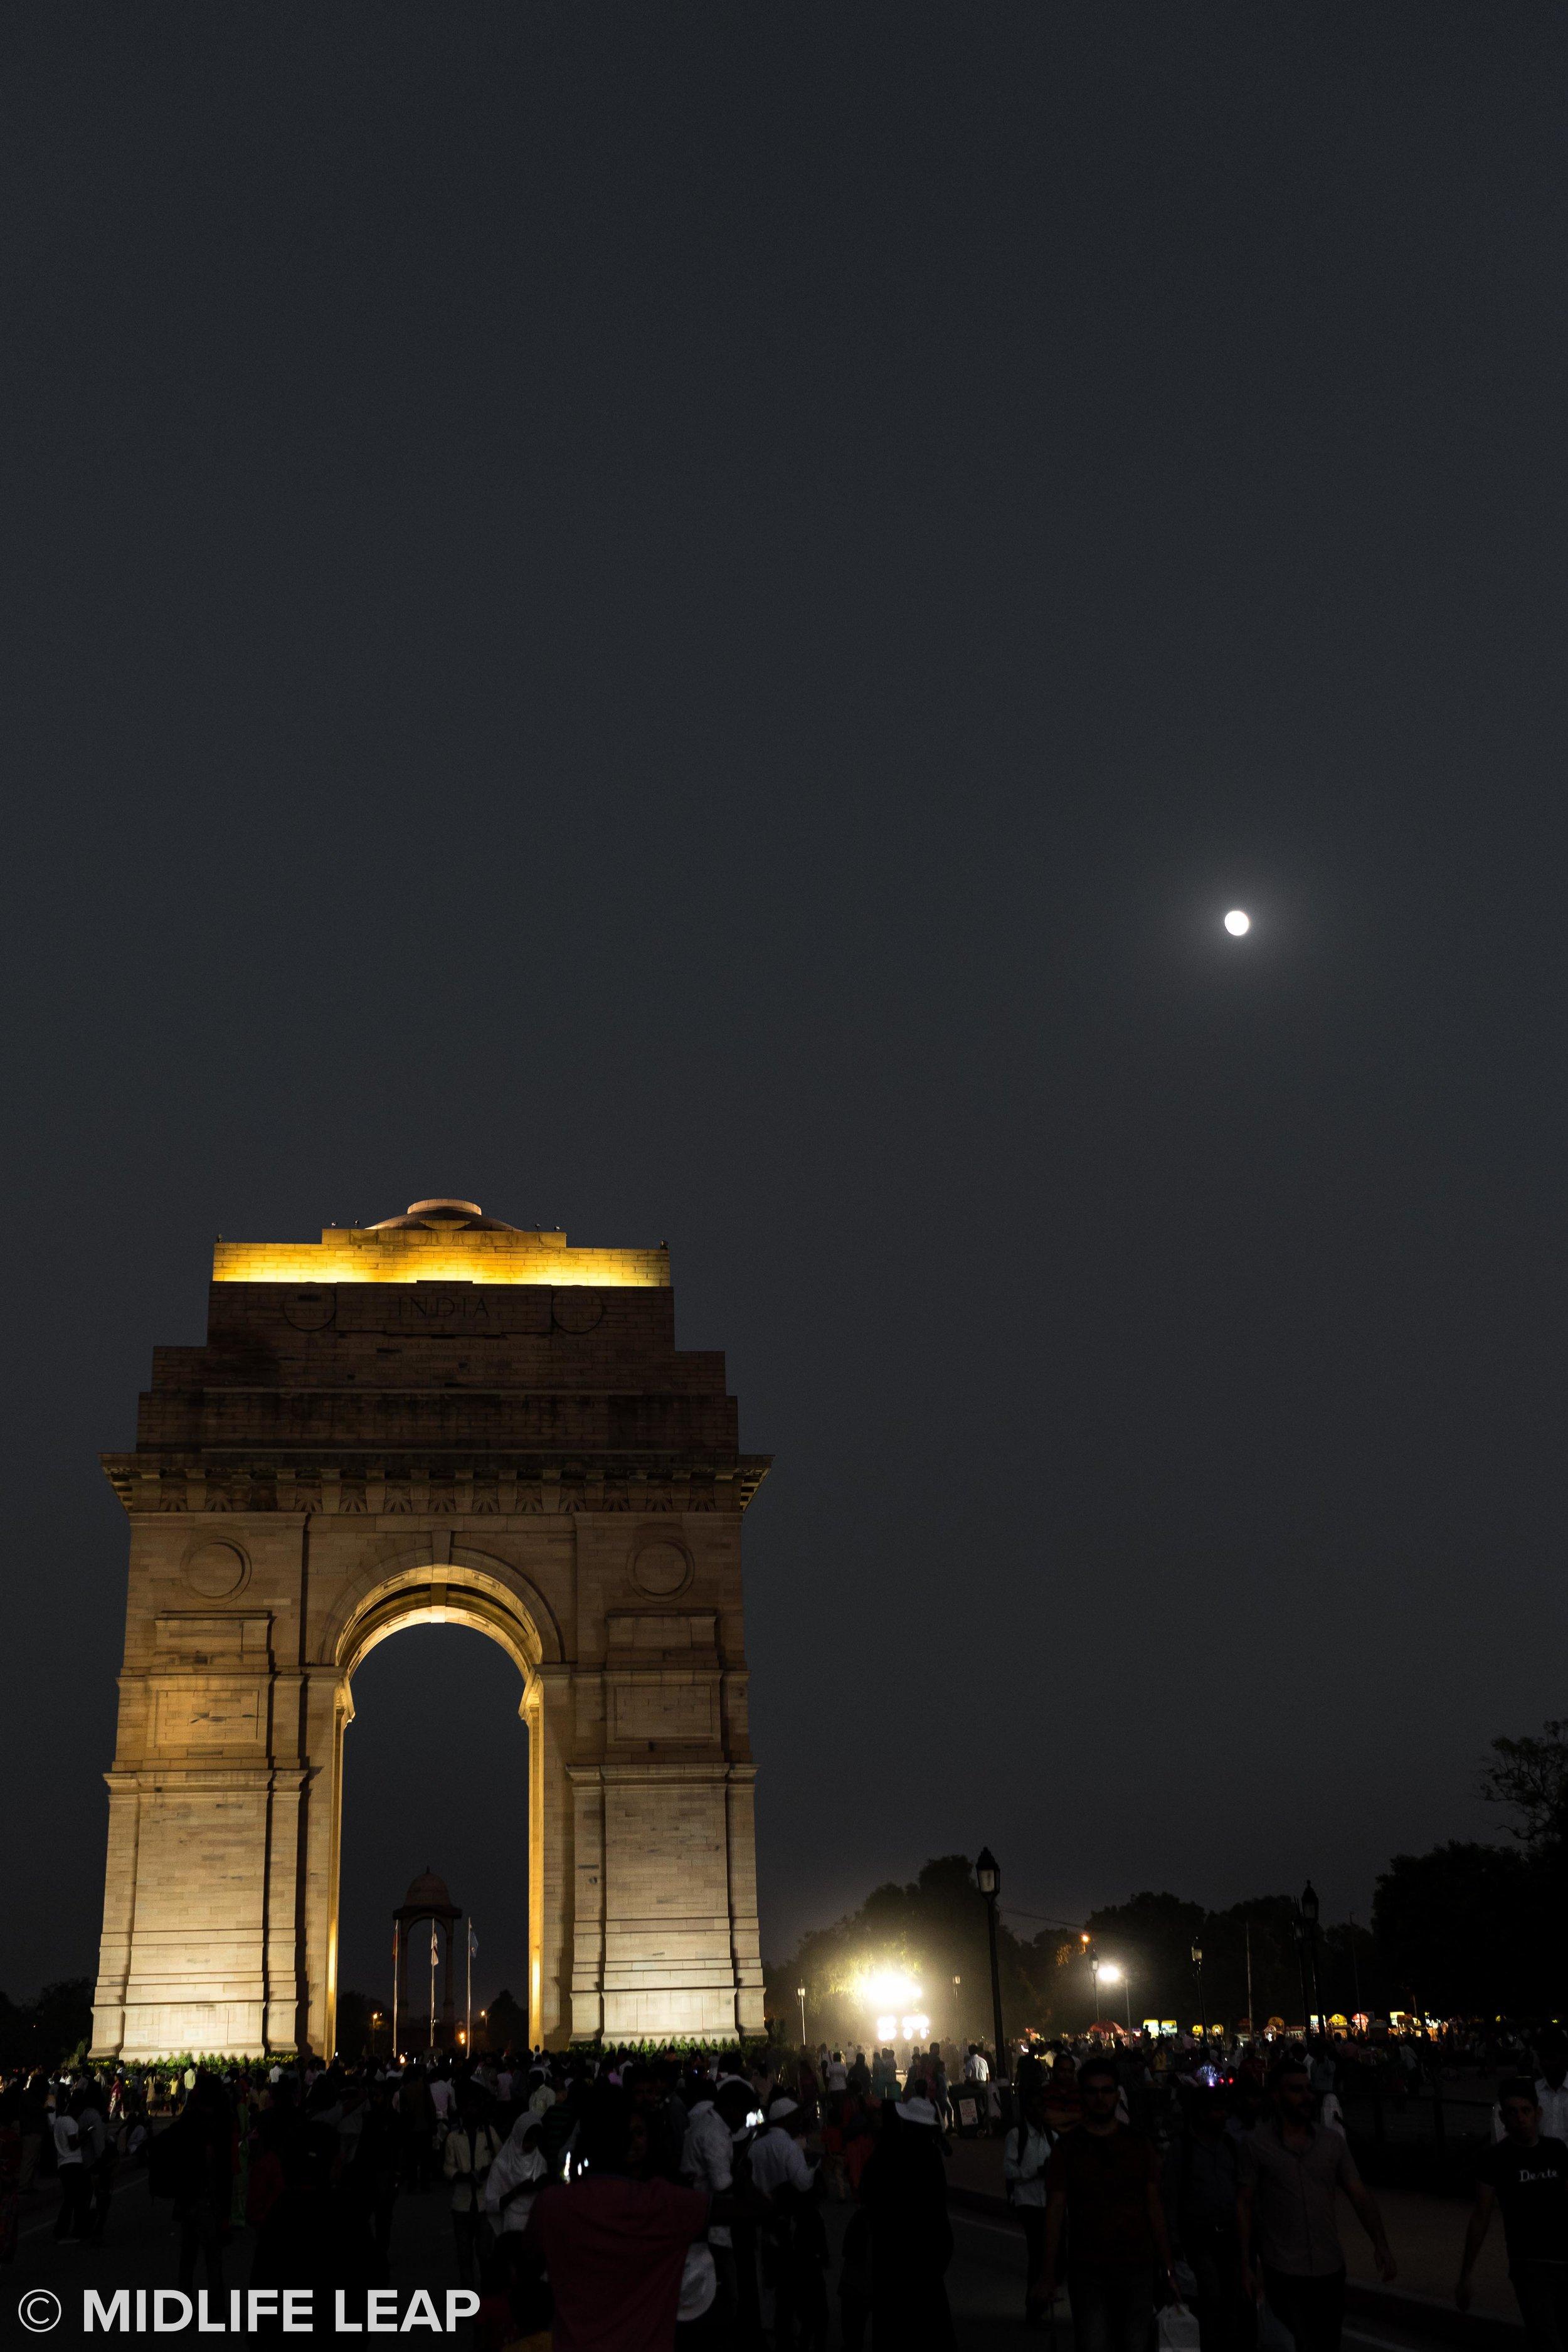 india-gate-new-delhi-full-moon.jpg